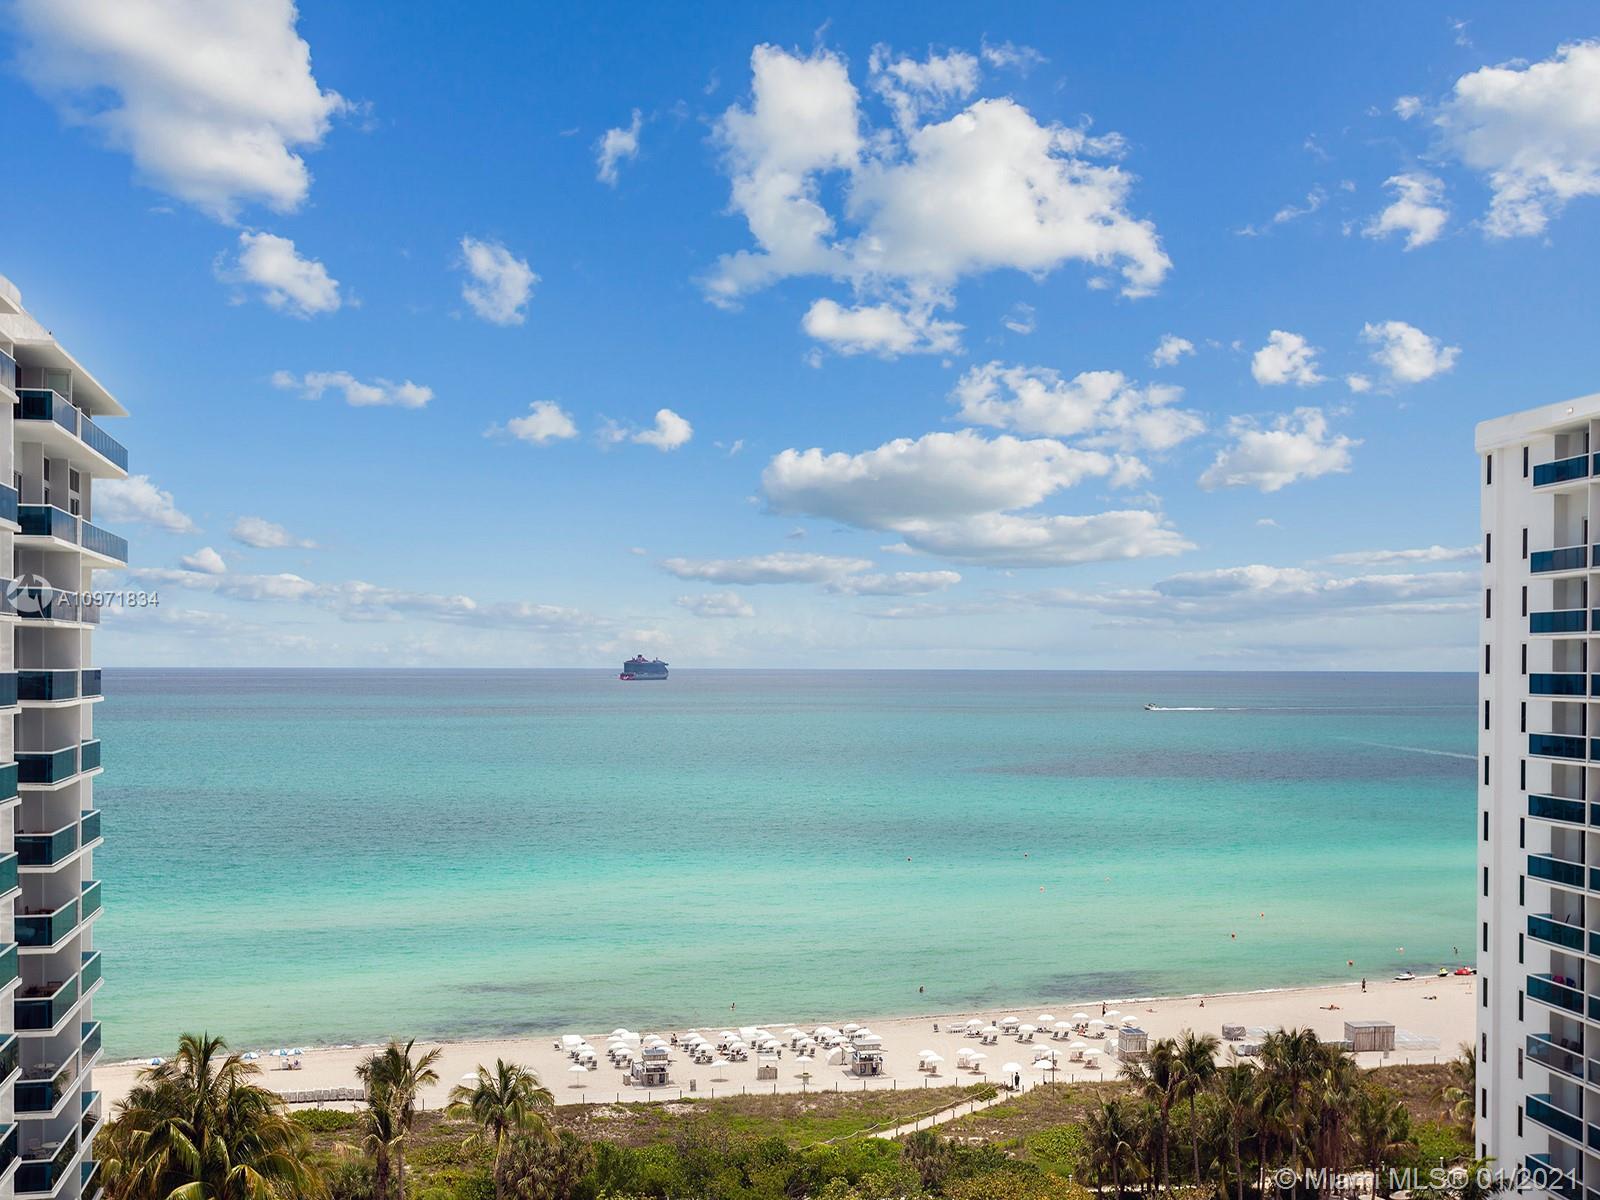 102 24th st-1440 miami-beach-fl-33139-a10971834-Pic01